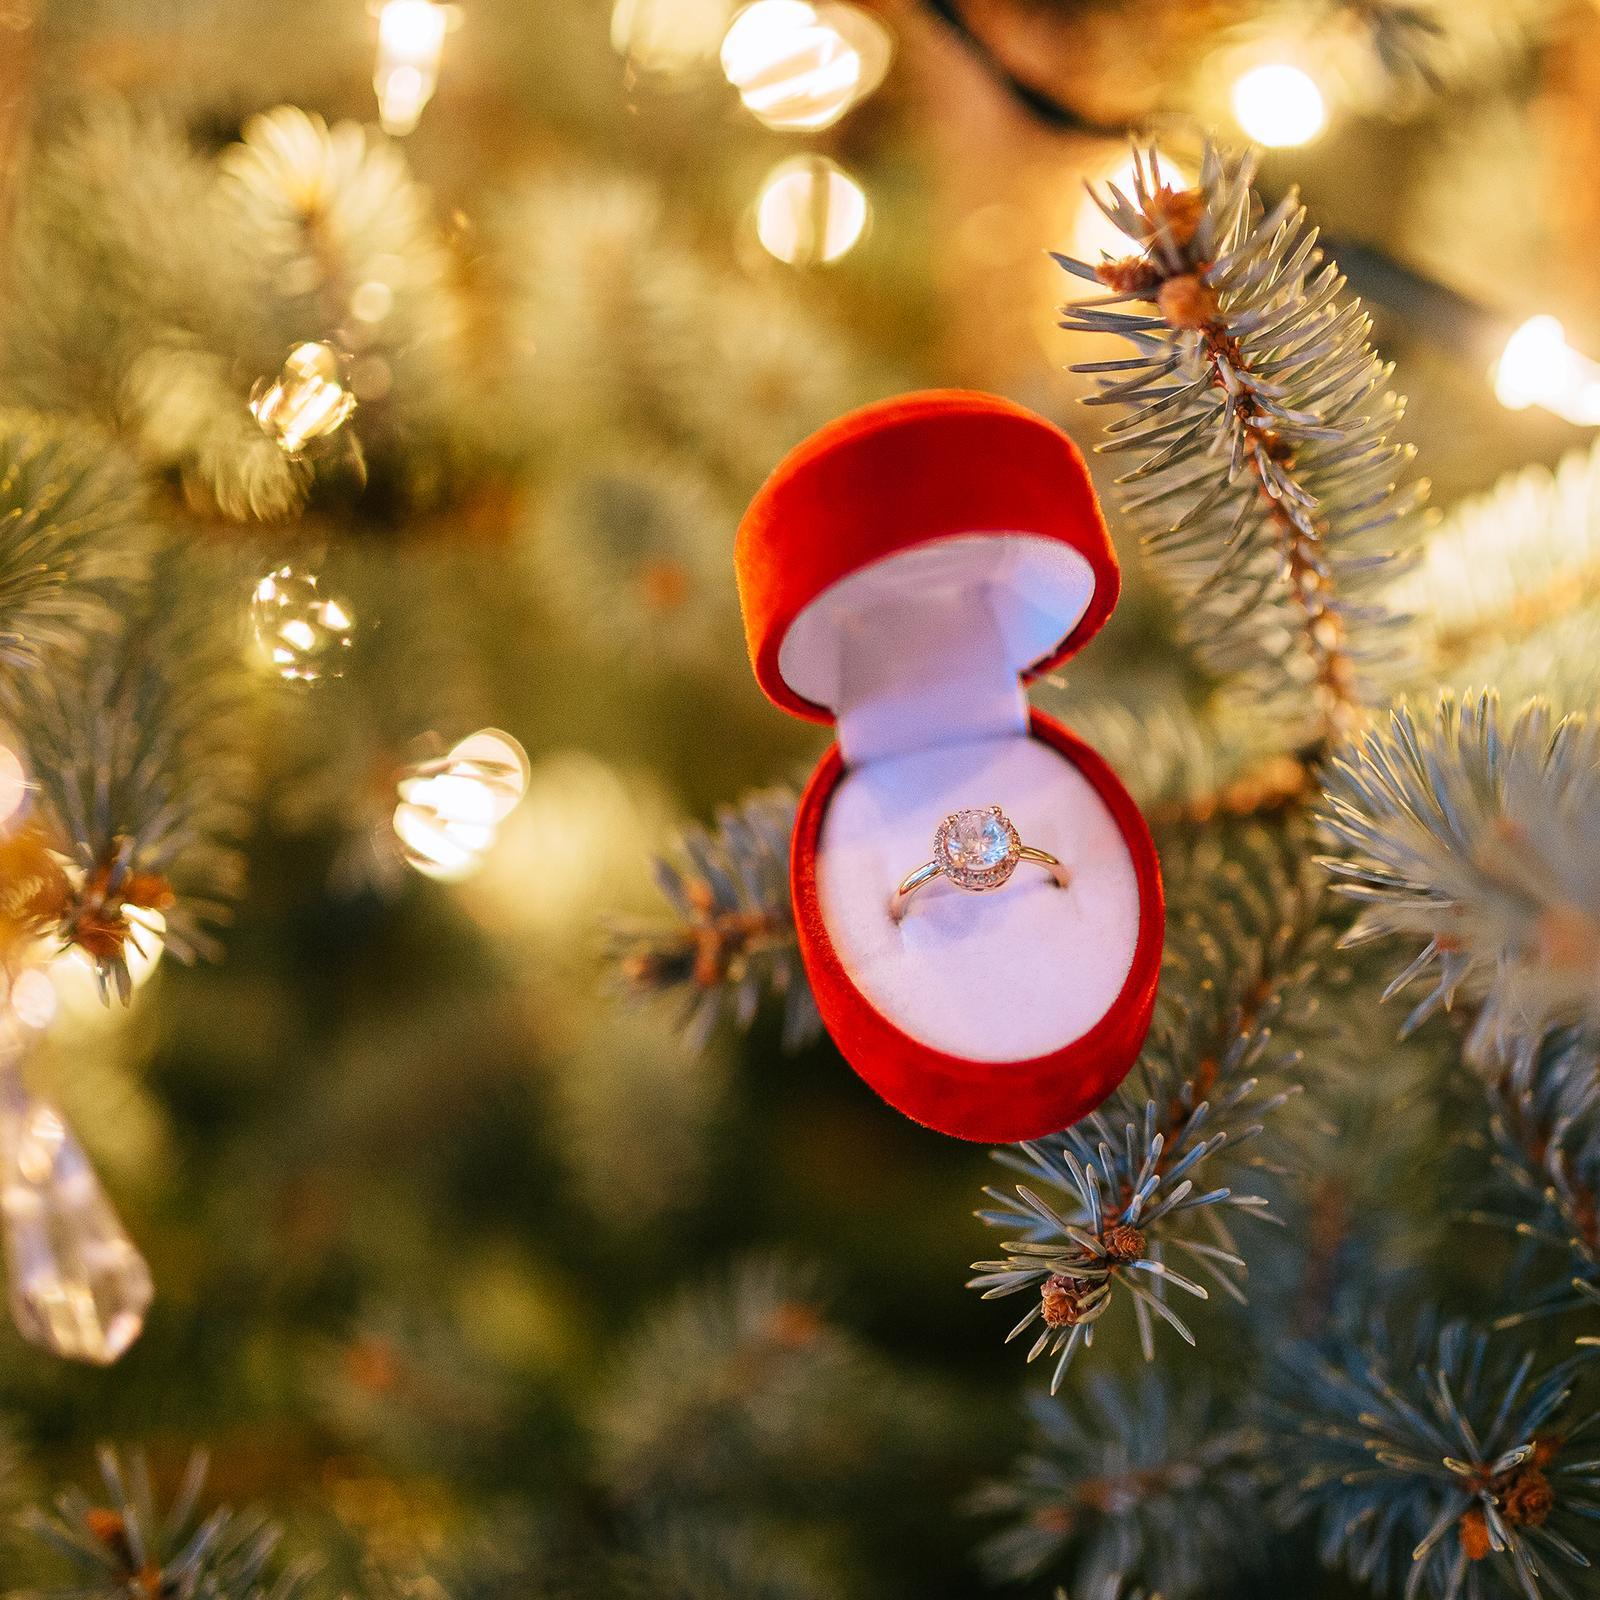 Tak čo dievčatá, sú tu medzi nami nejaké nové, čerstvo zasnúbené budúce nevesty, ktoré si našli svoj prsteň pod stromčekom? :) prihláste sa a podeľte sa o svoj príbeh zásnub. Neviem sa dočkať všetkých tých romantických vianočných zážitkov :) - Obrázok č. 1